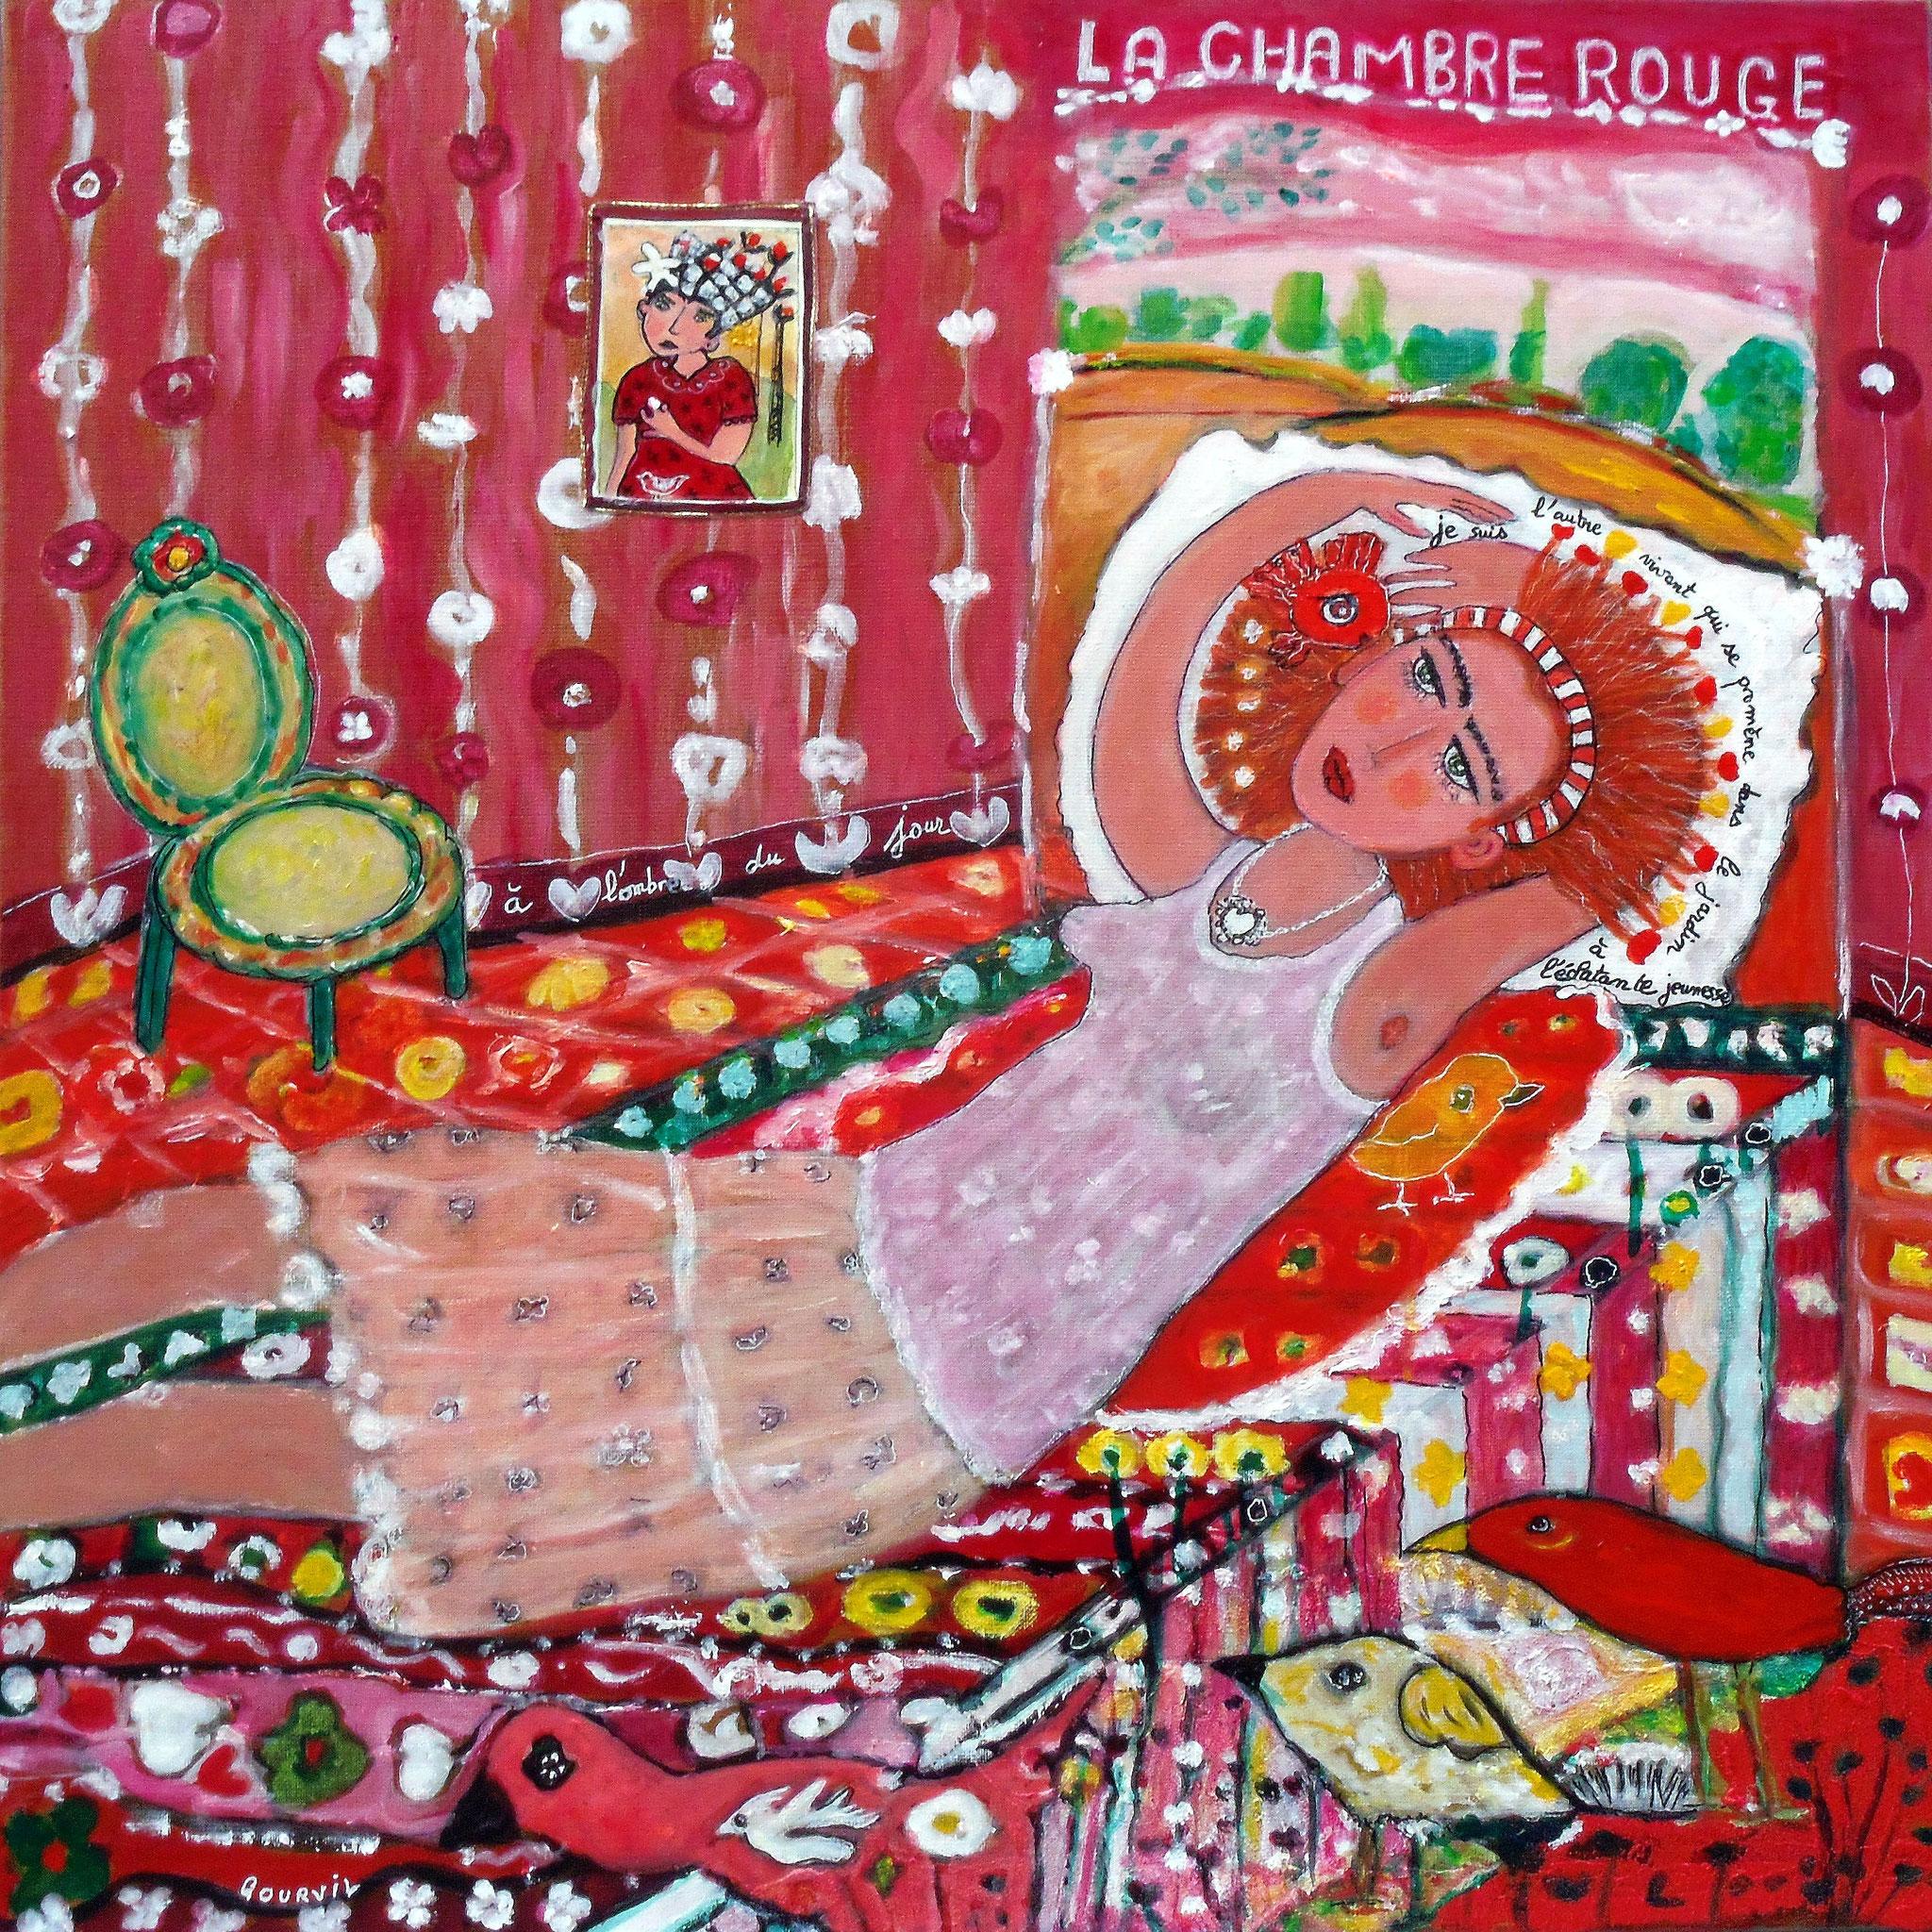 « La chambre rouge 2 », 70x70 cm, acrylique, pigments, encre, gravure sur papier et papier collés sur toile. Oeuvre de Geneviève Gourvil